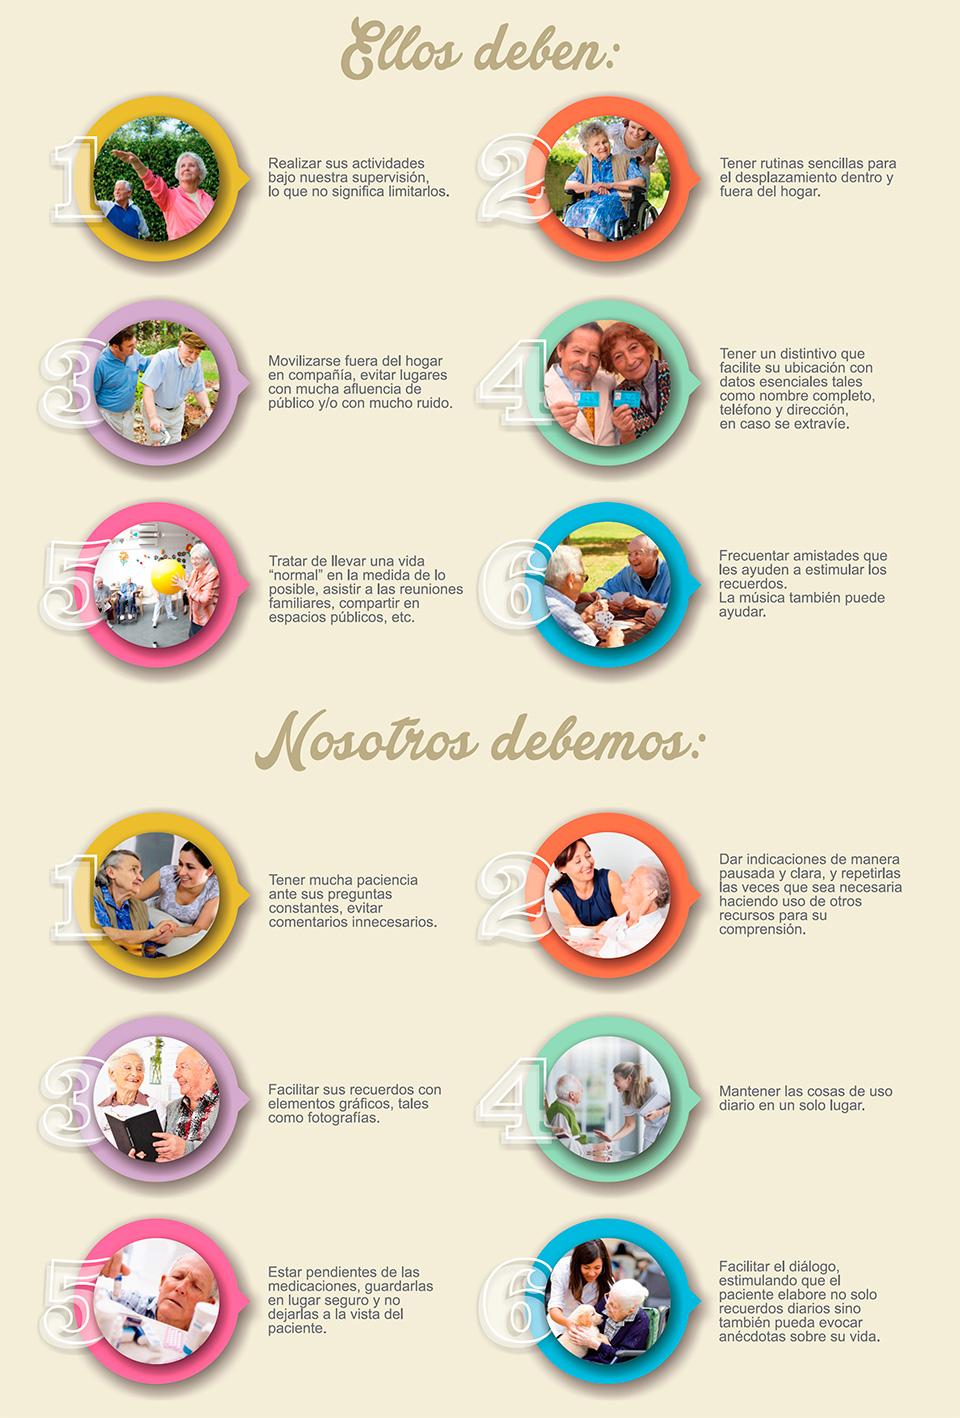 Demencia-Senil-recomendaciones